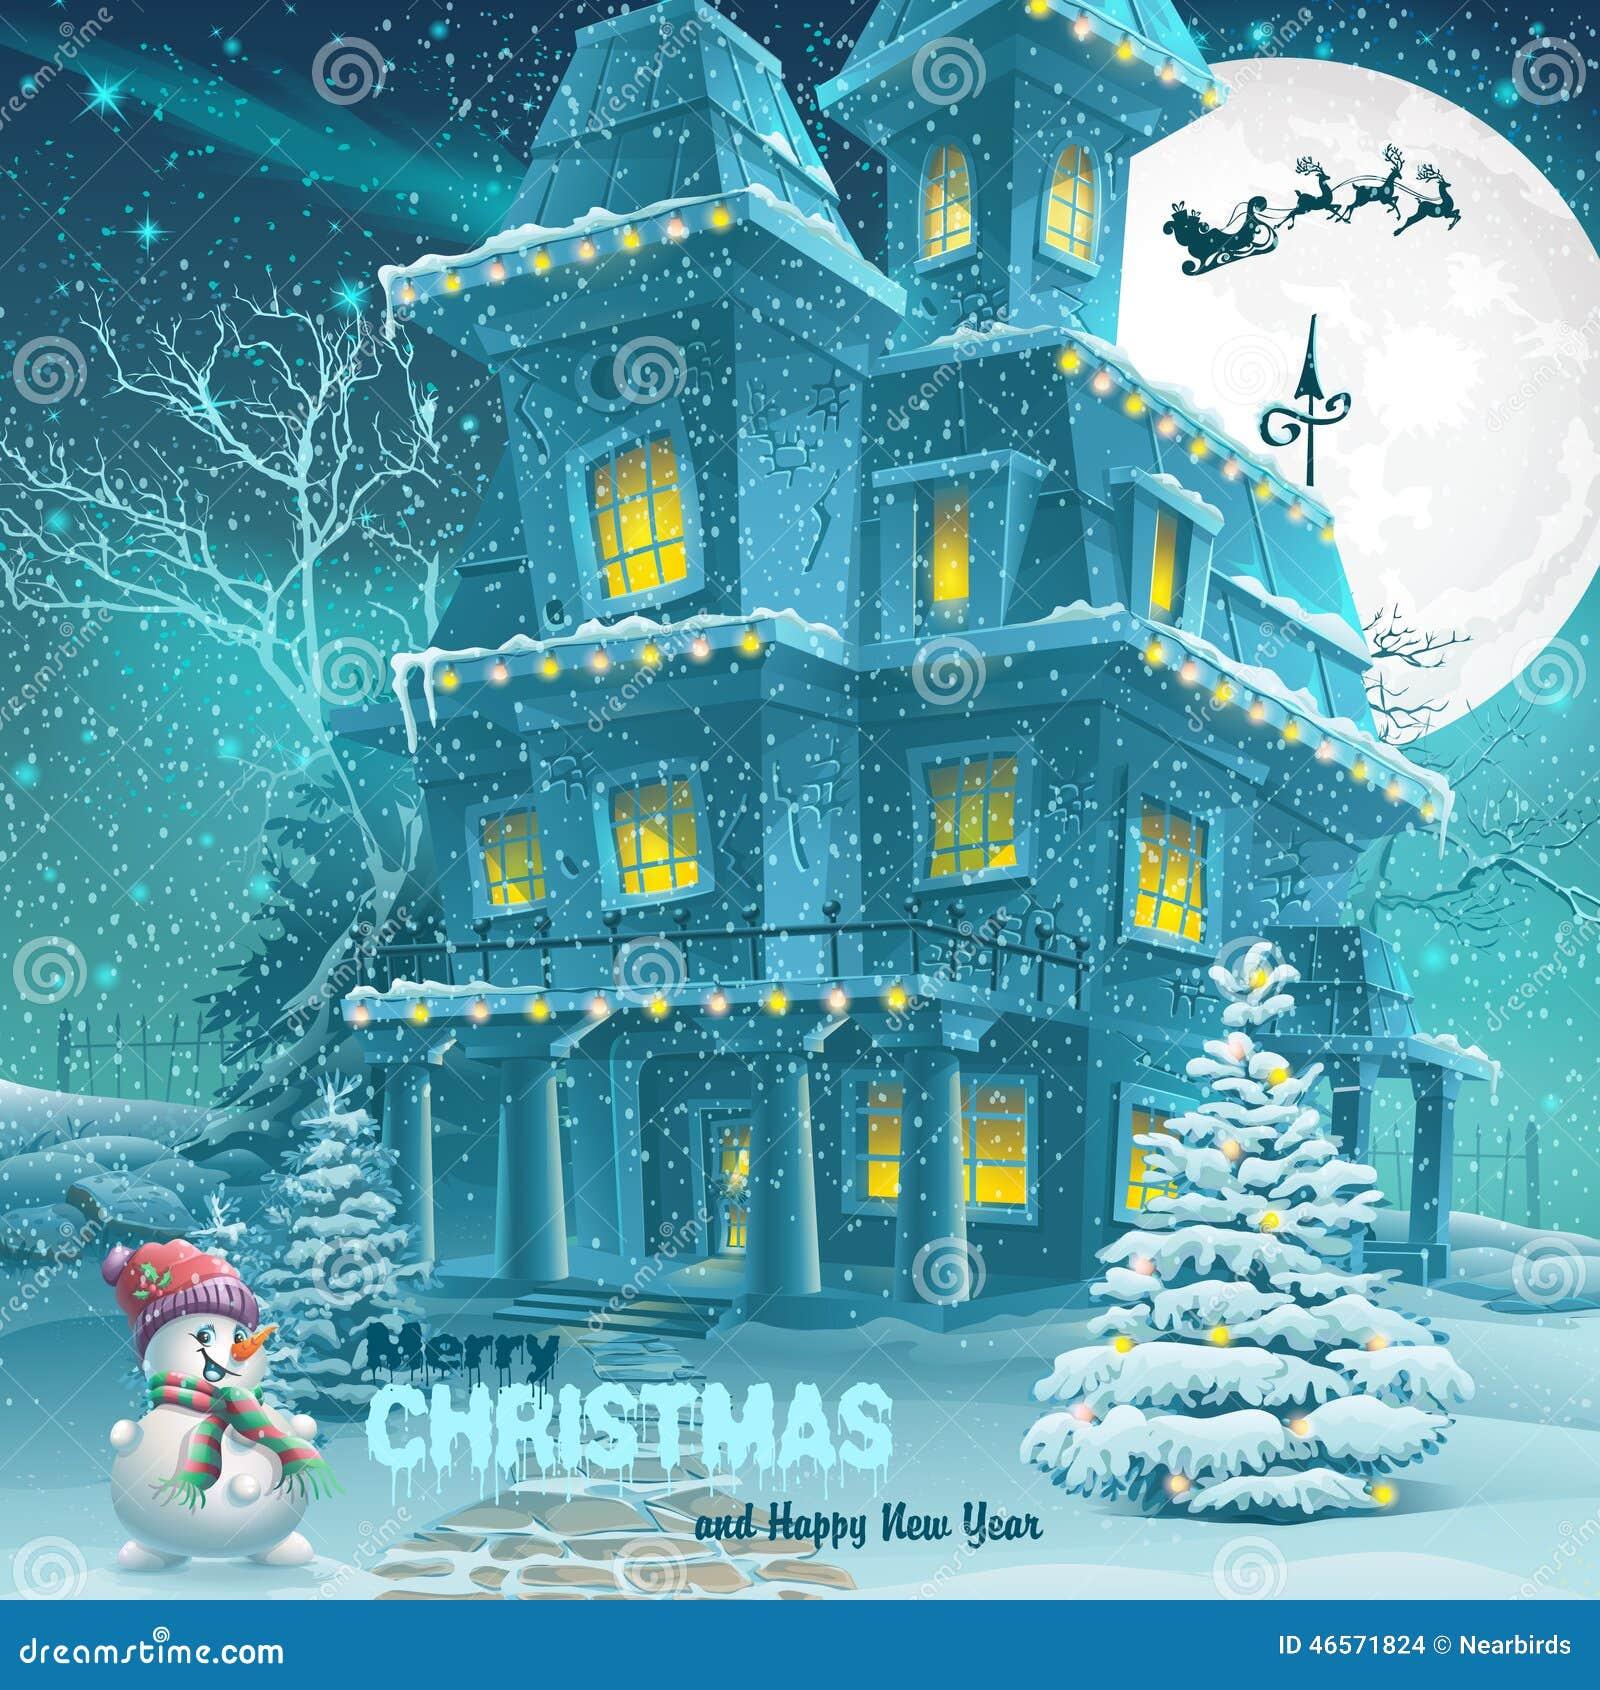 Carte de voeux de Noël et de nouvelle année avec l image d une nuit neigeuse avec un bonhomme de neige et des arbres de Noël